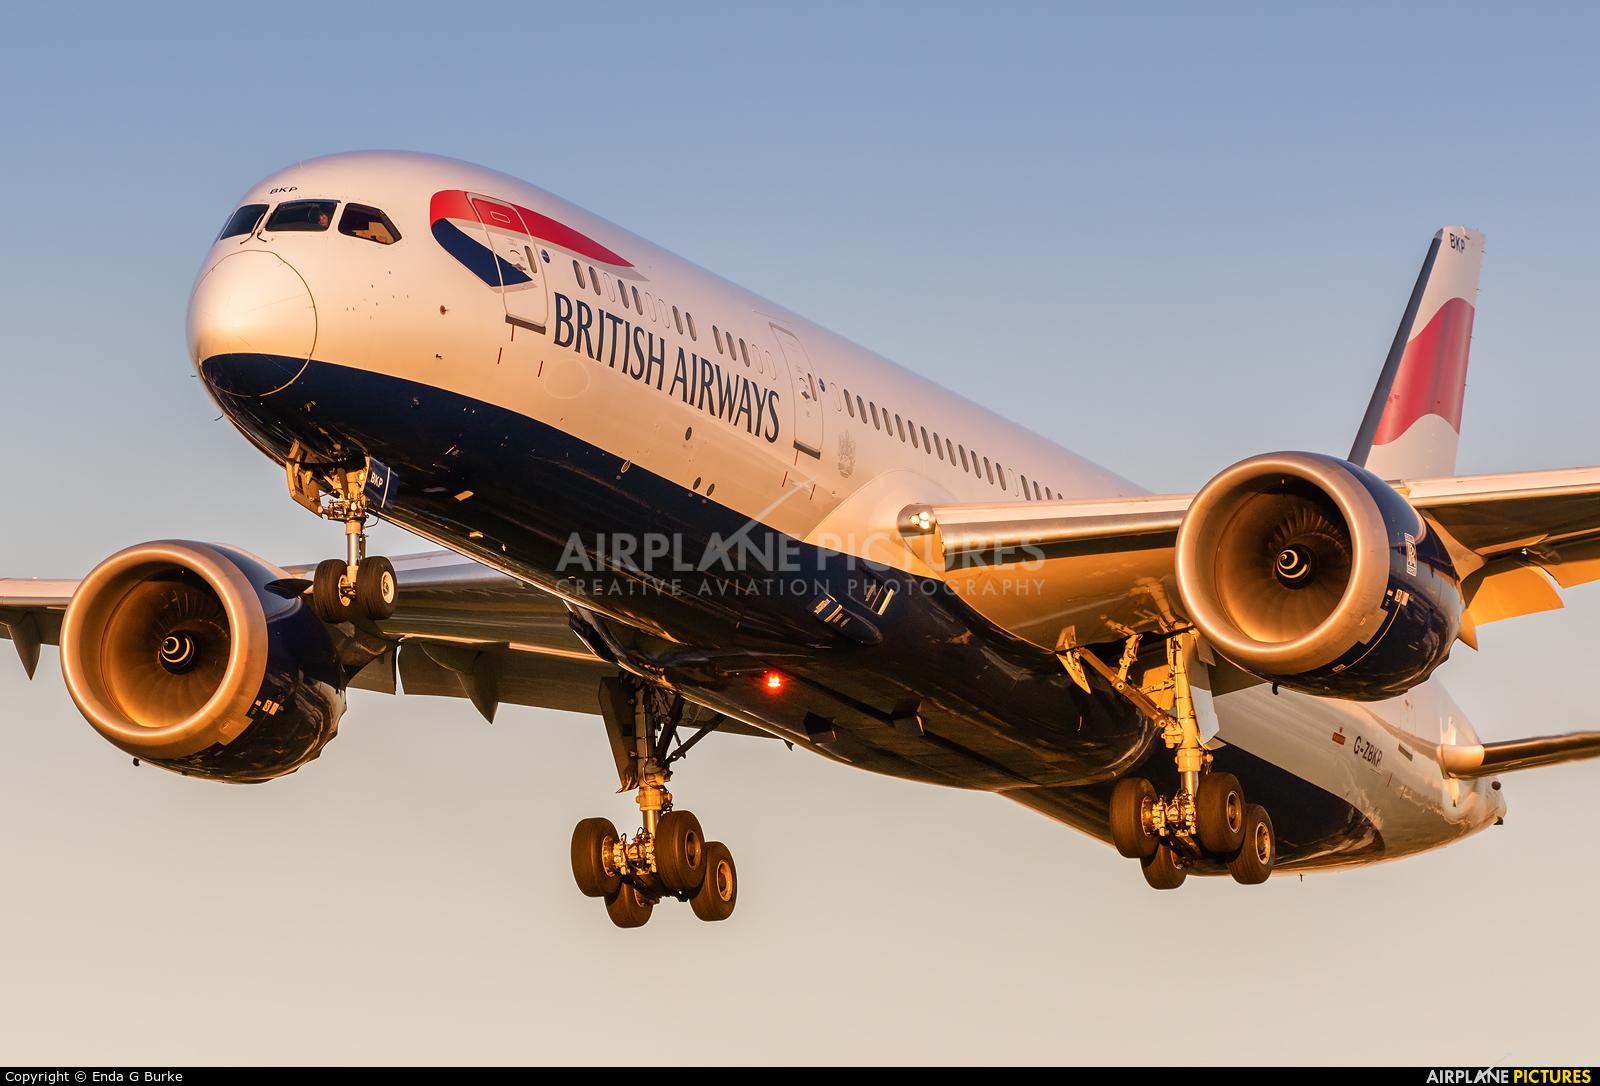 British Airways G-ZBKP aircraft at London - Heathrow